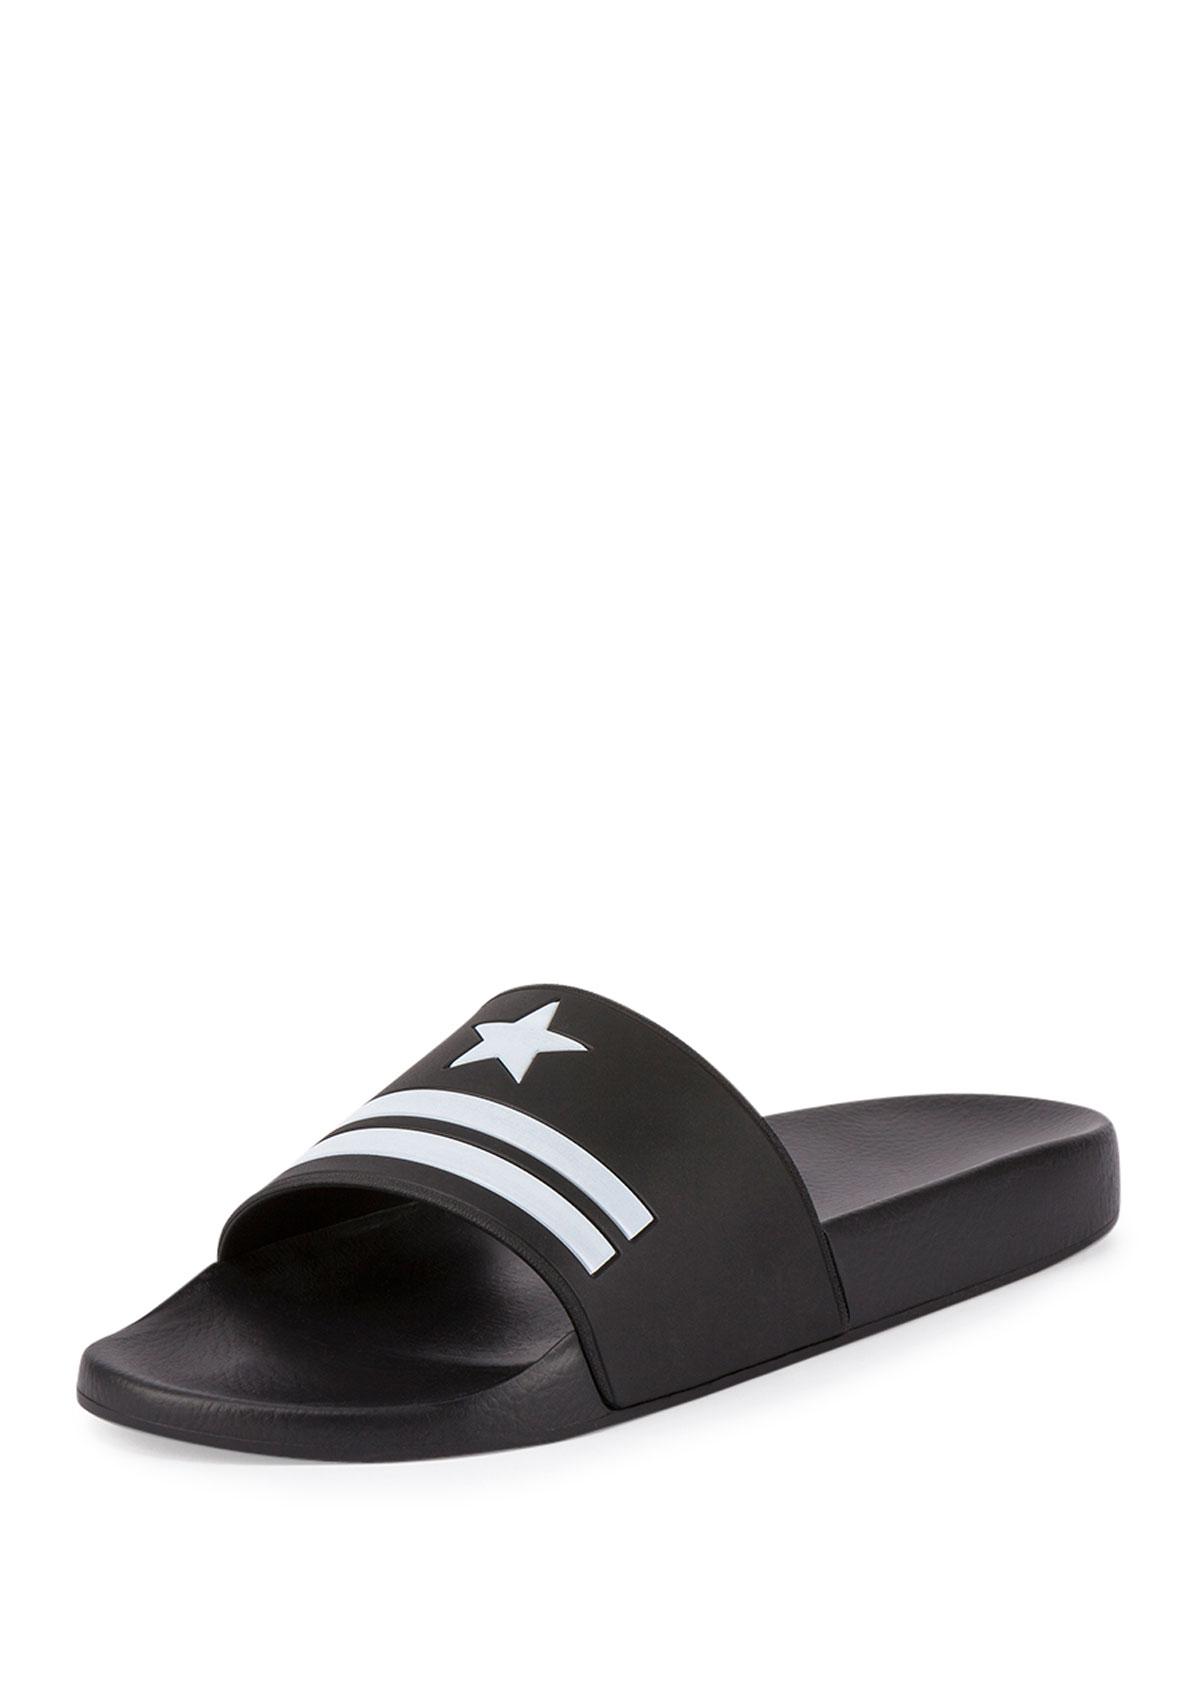 Star & Stripe Rubber Slide Sandals, Black, Men's, Size: 45EU/12US - Givenchy